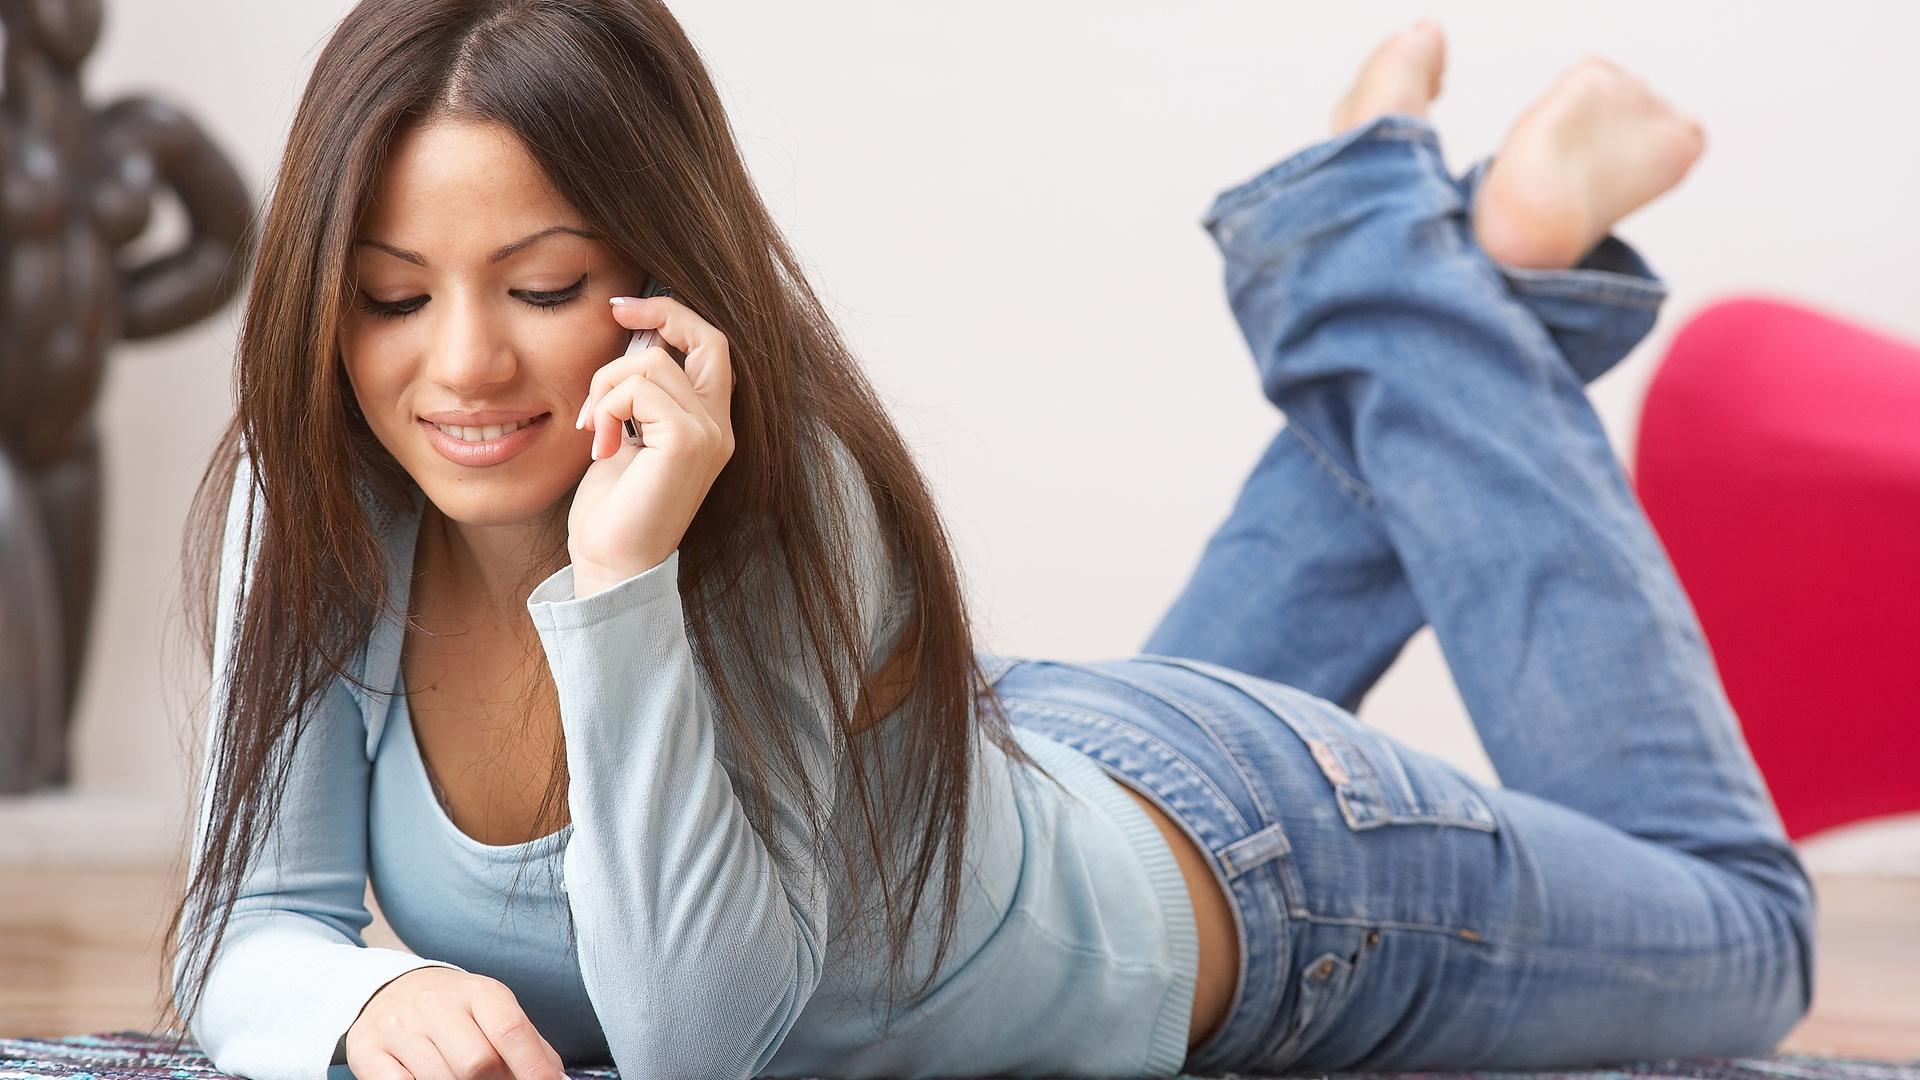 लड़की का फ़ोन नम्बर